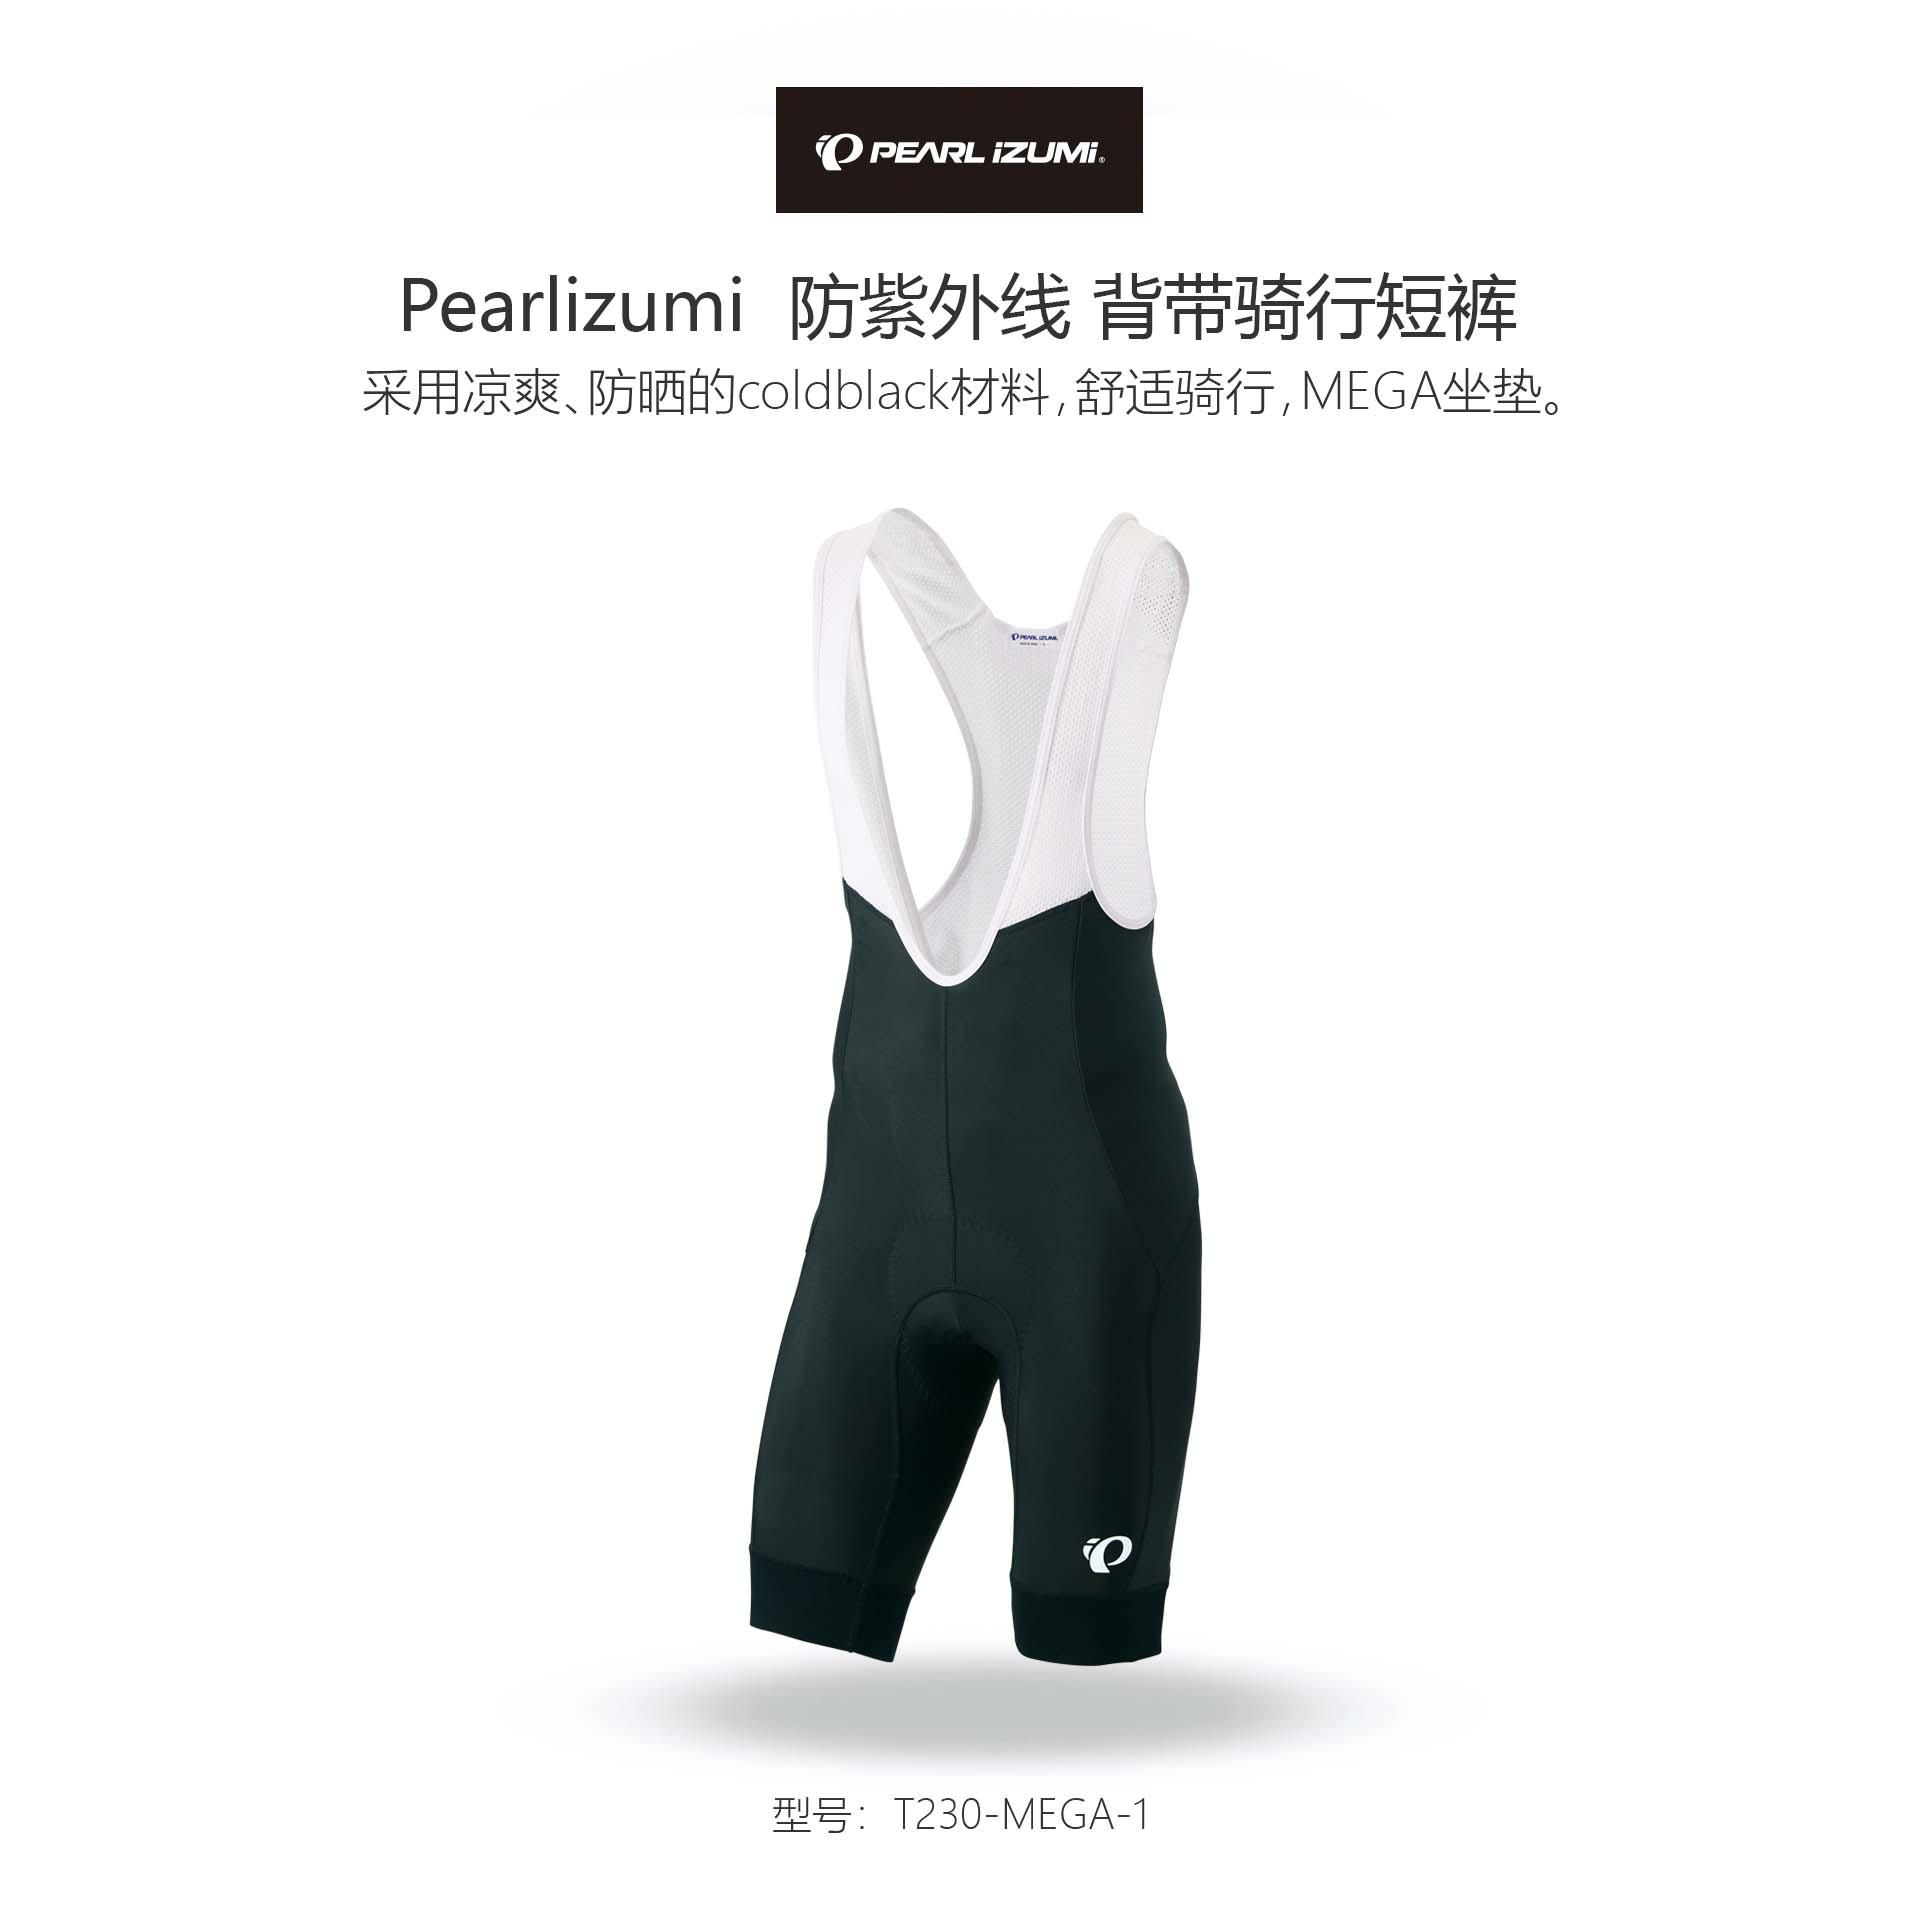 PEARL IZUMI T230MEGA 一字米 夏季男士背带骑行短裤骑行裤